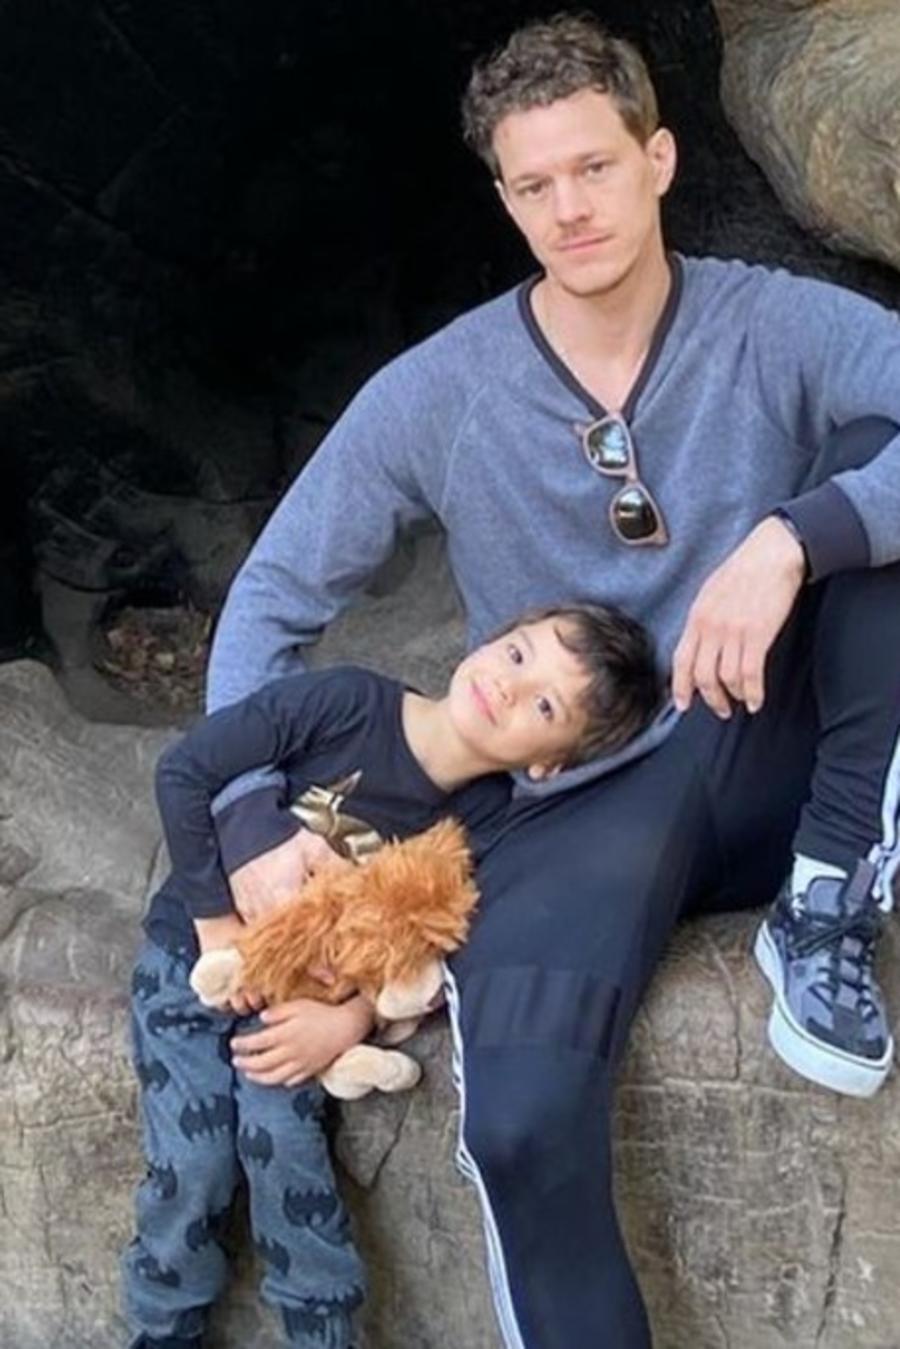 Ryan Dorsey con su hijo Josey en el bosque